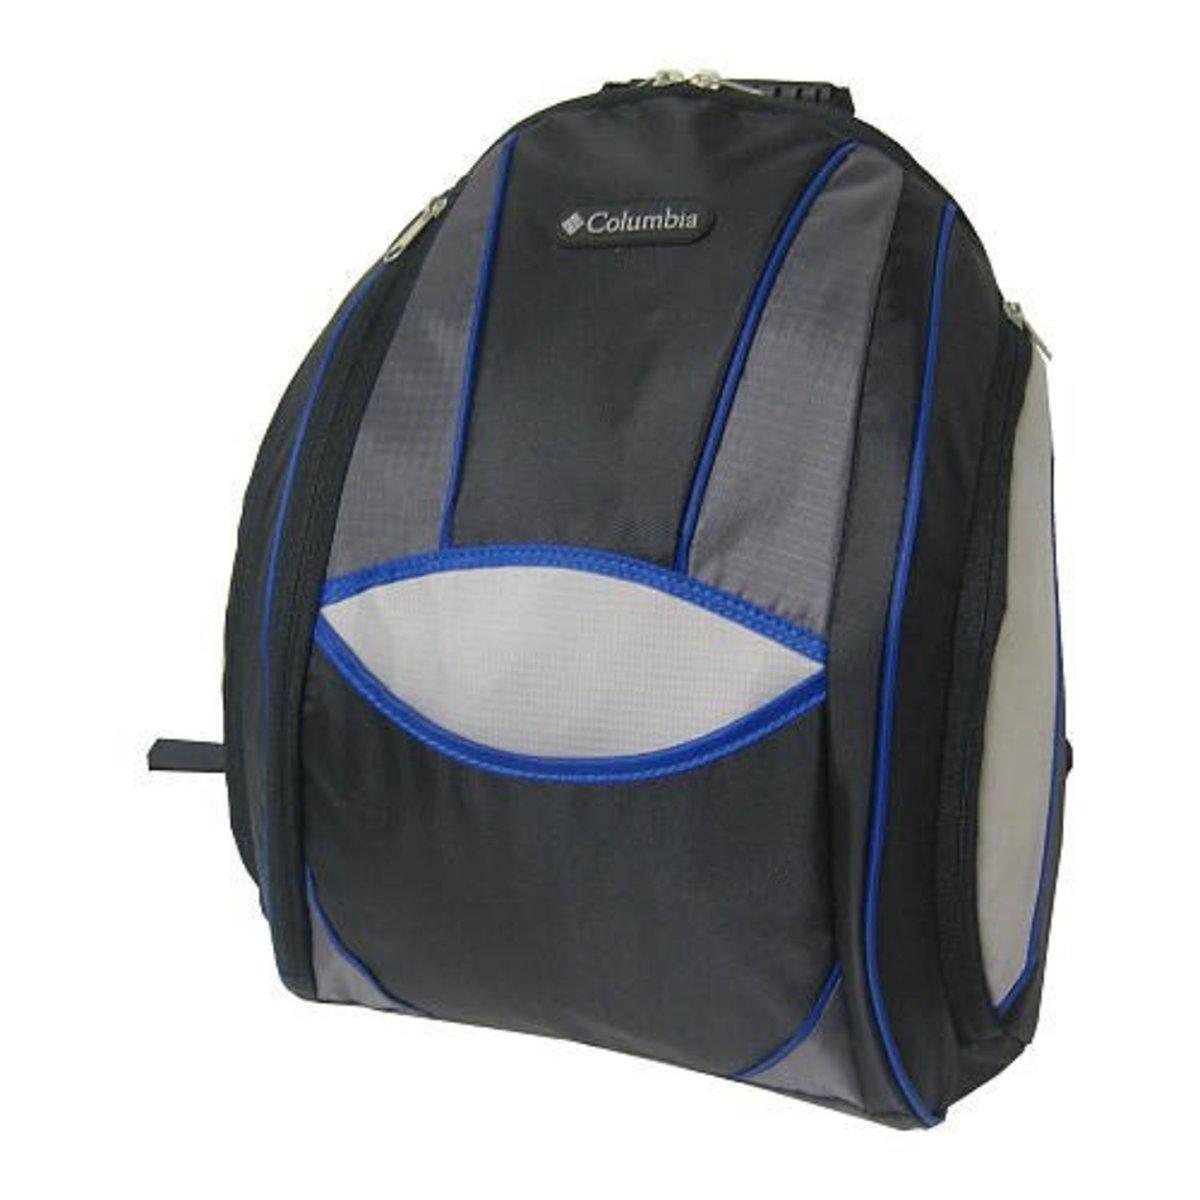 Columbia Trekster Diaper backpack.